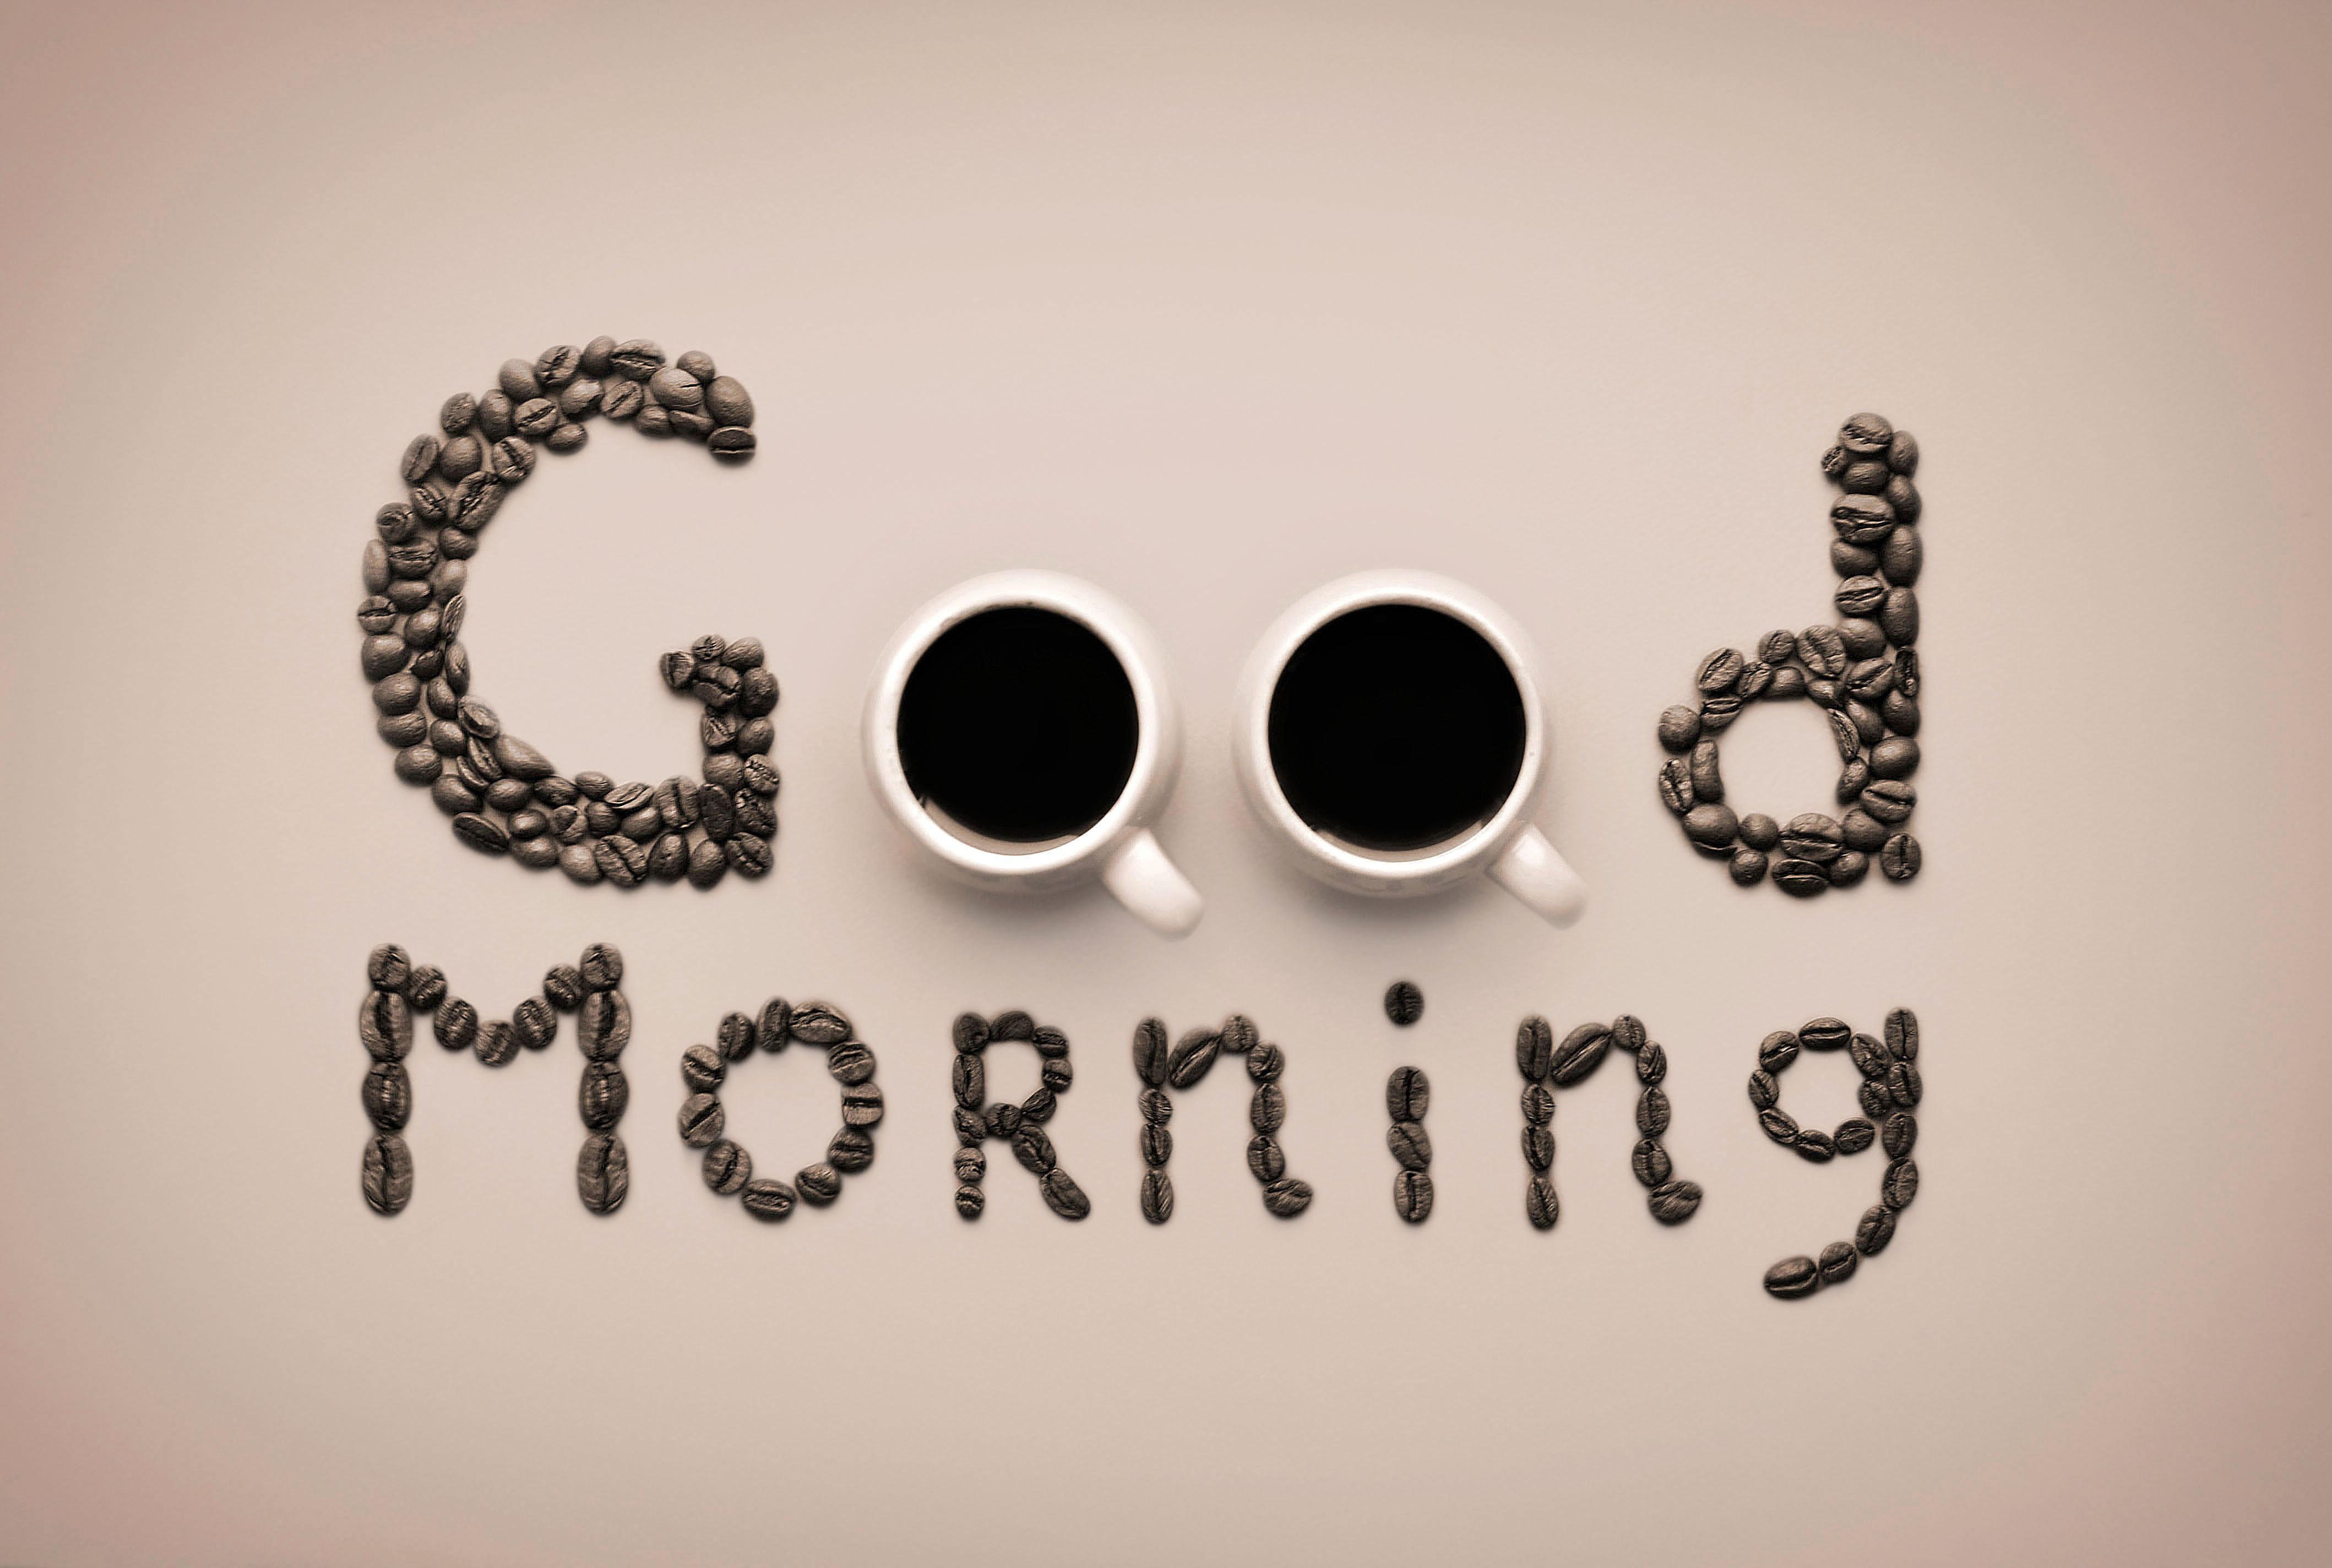 Hd wallpaper good morning - Good Morning Wallpapers Good Morning Wallpapers